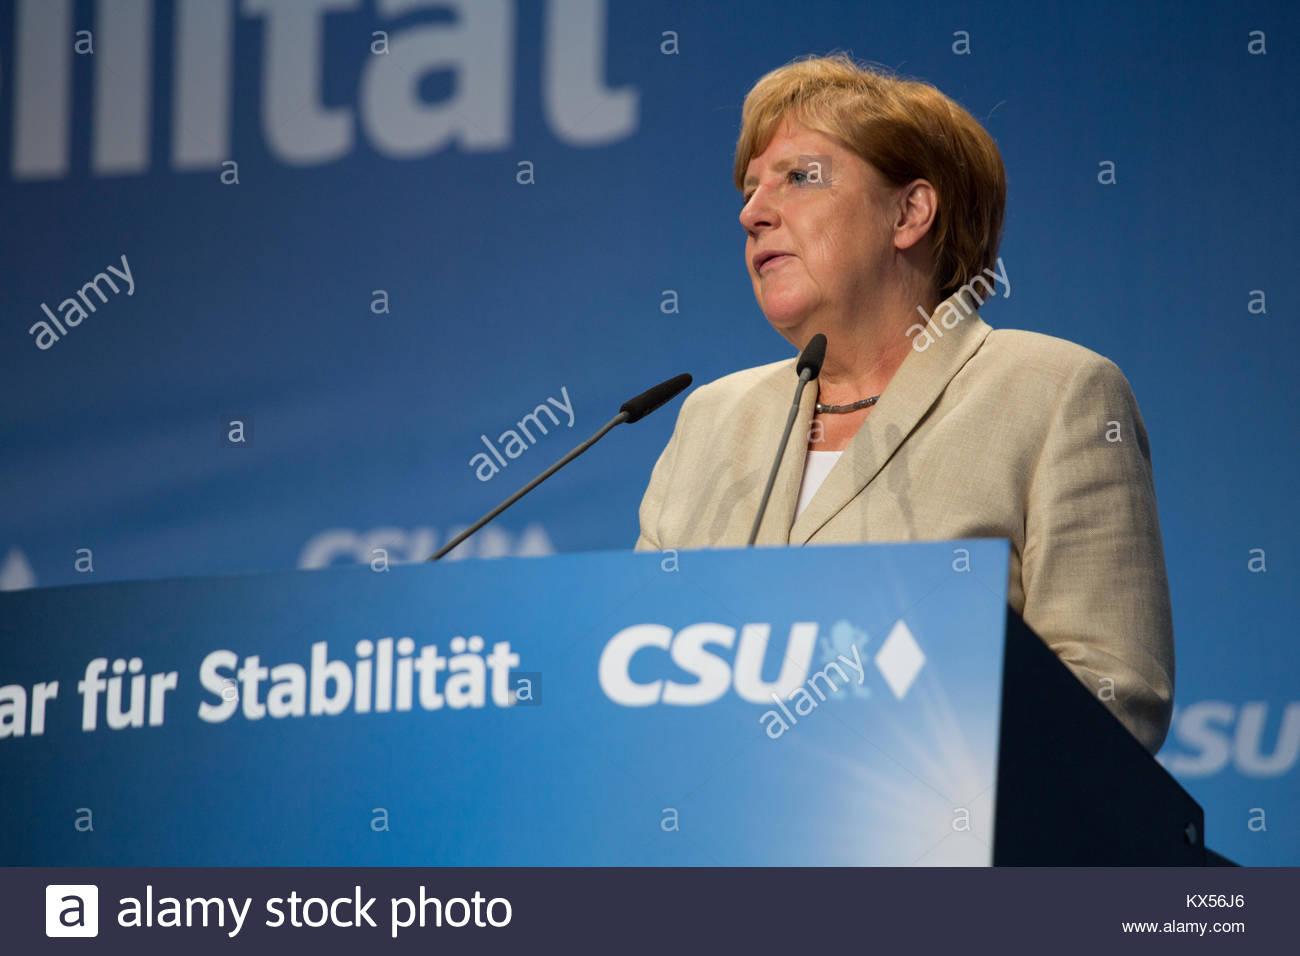 30 août 2017. Erlangen, Allemagne. Angel Merkel parle lors d'une réunion électorale organisée Photo Stock